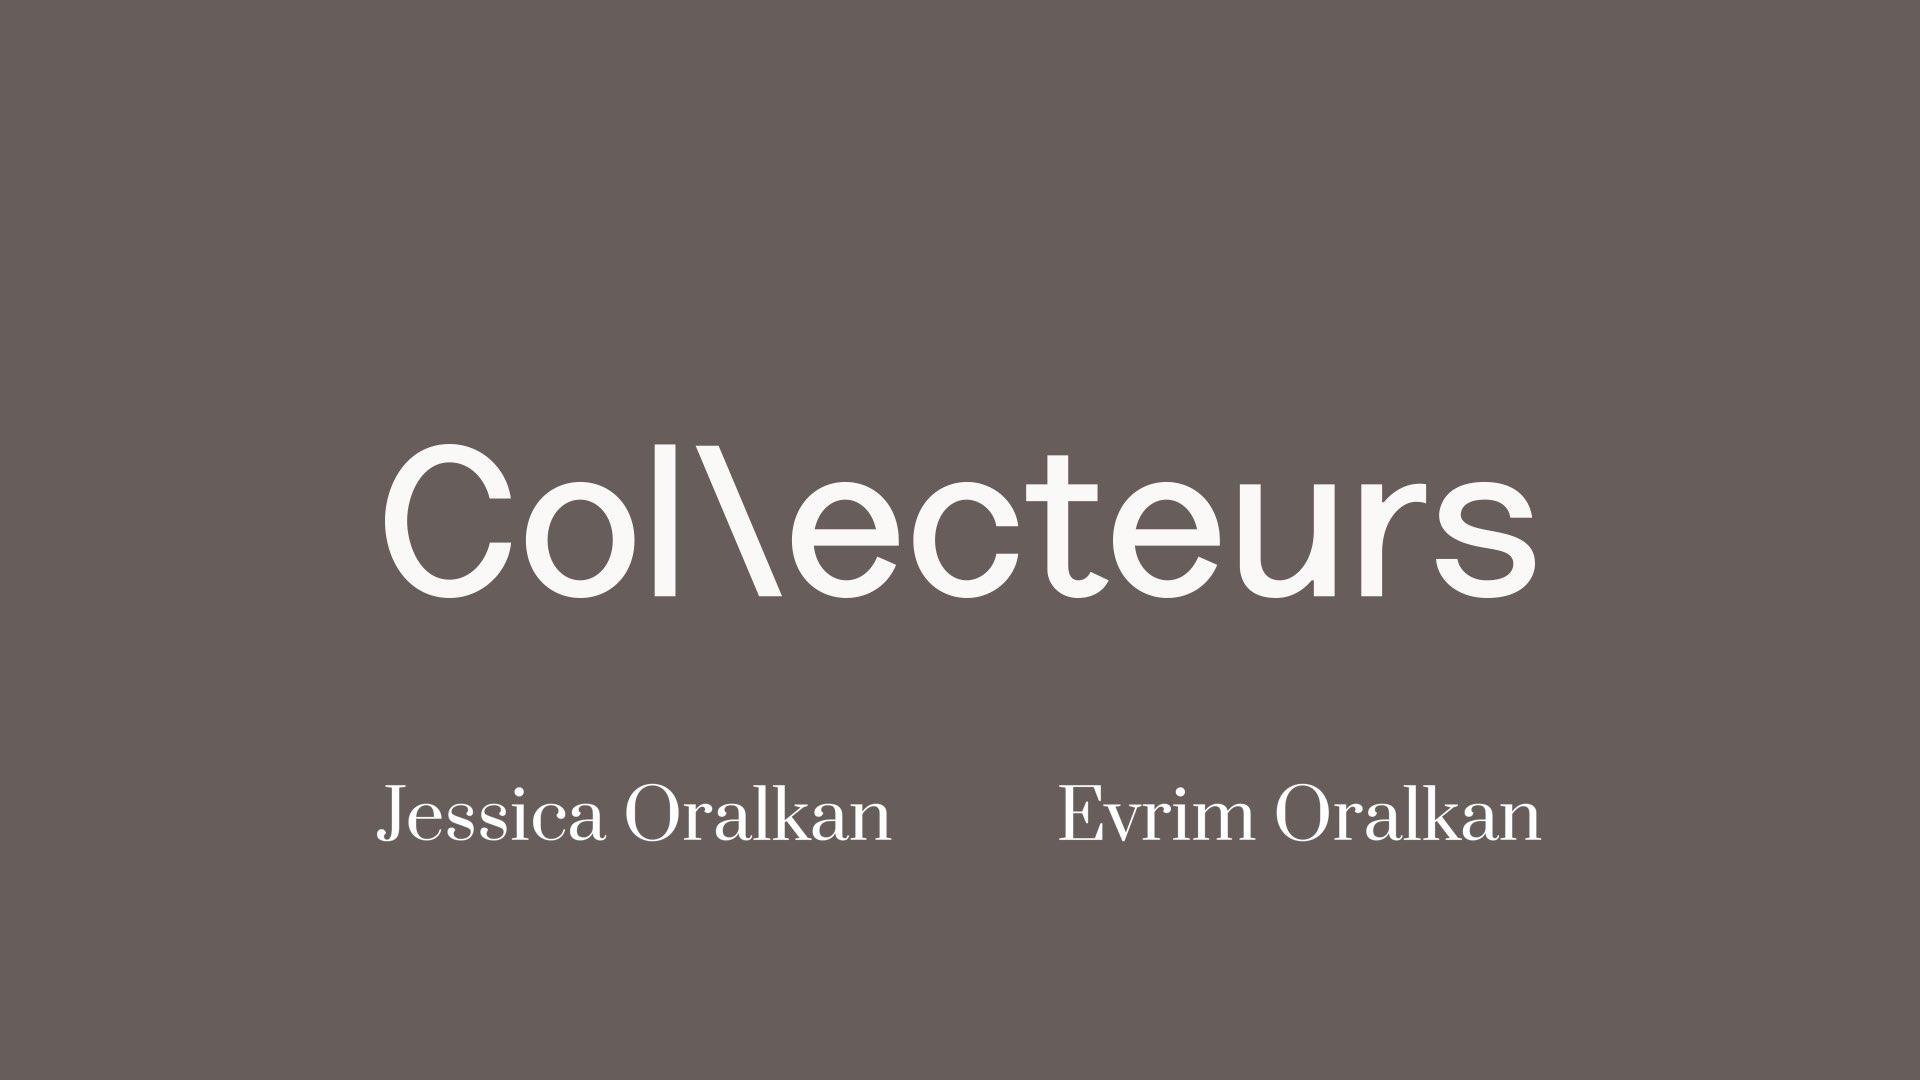 Collecteurs-Outline (01_11_2018) Vectorized - FINAL.002.jpeg